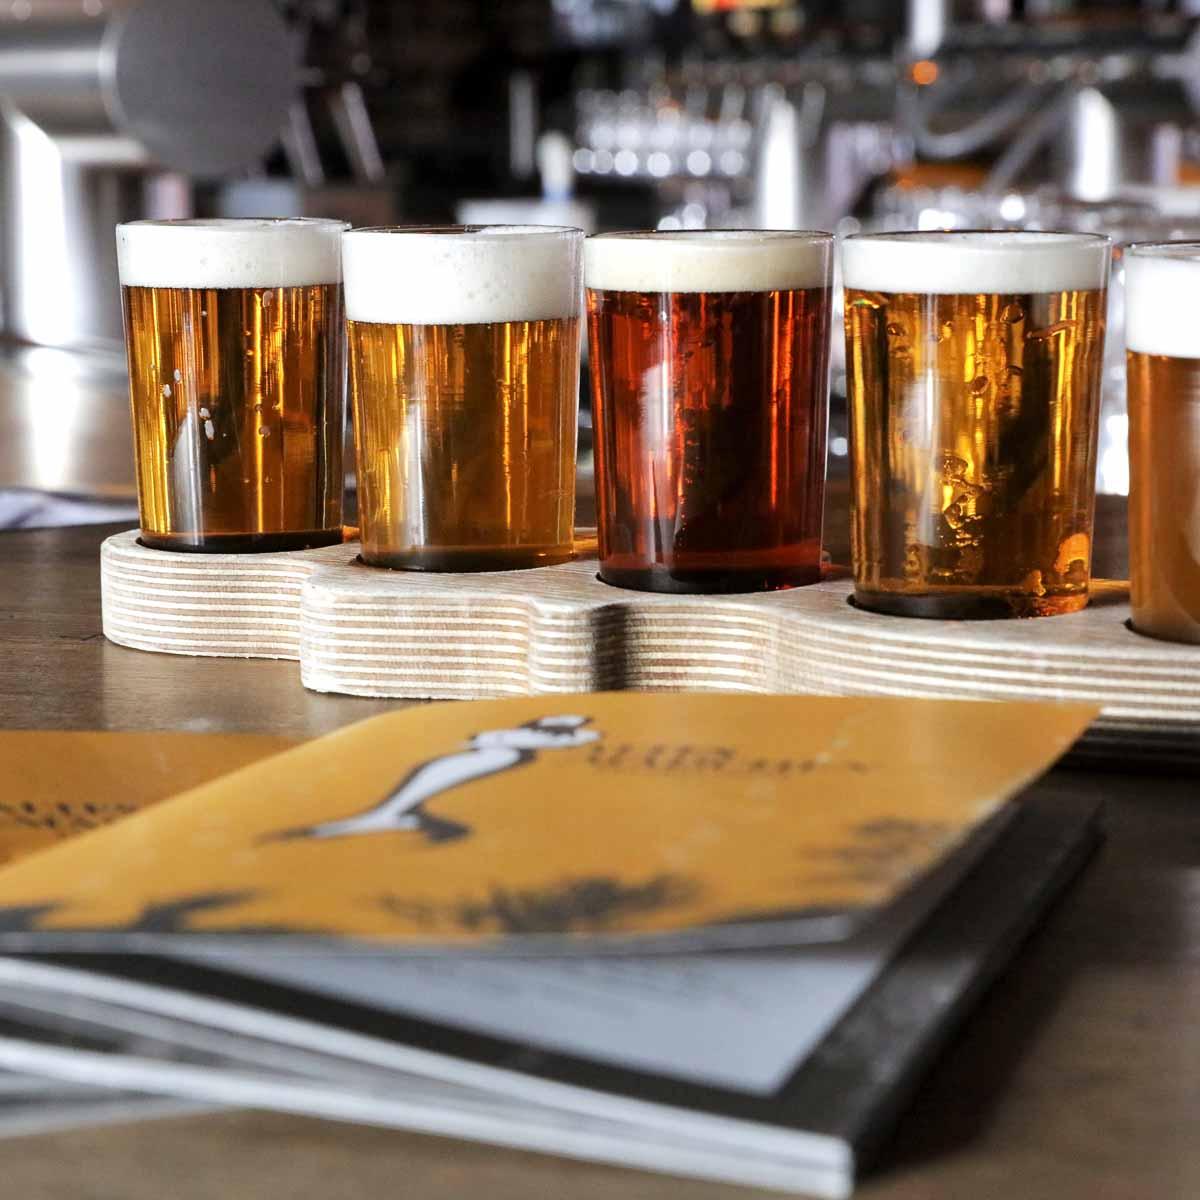 Brauerei Gasthaus Altes Mädchen Hamburg-5